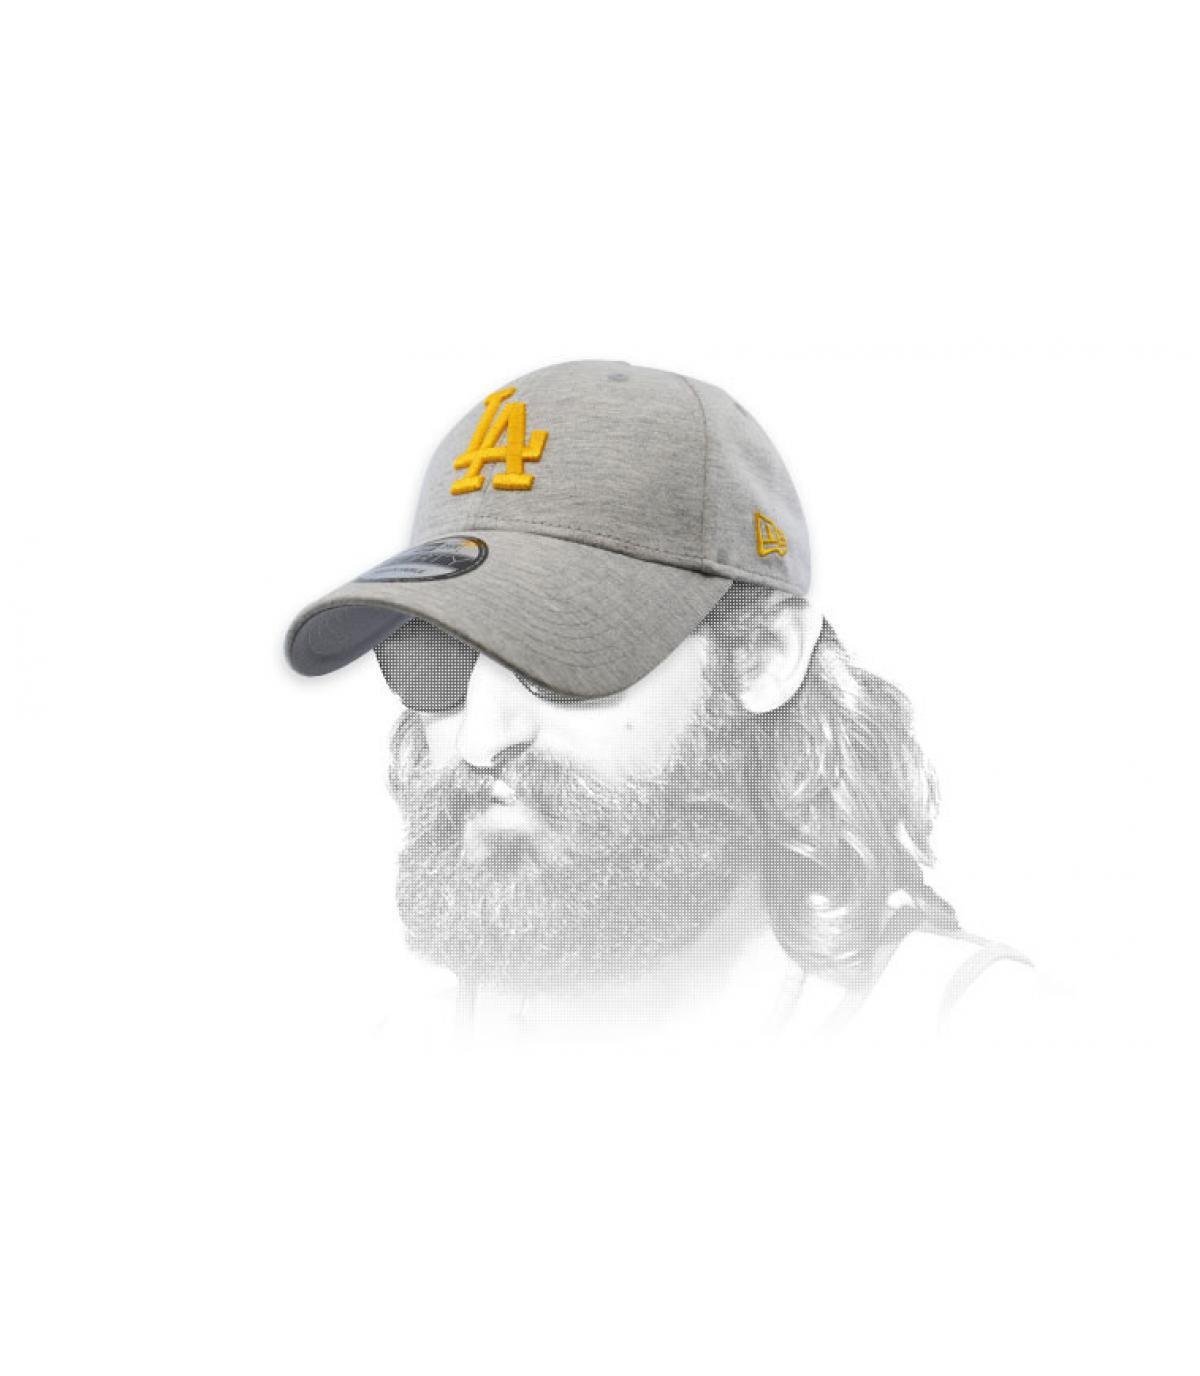 grey and gold LA cap